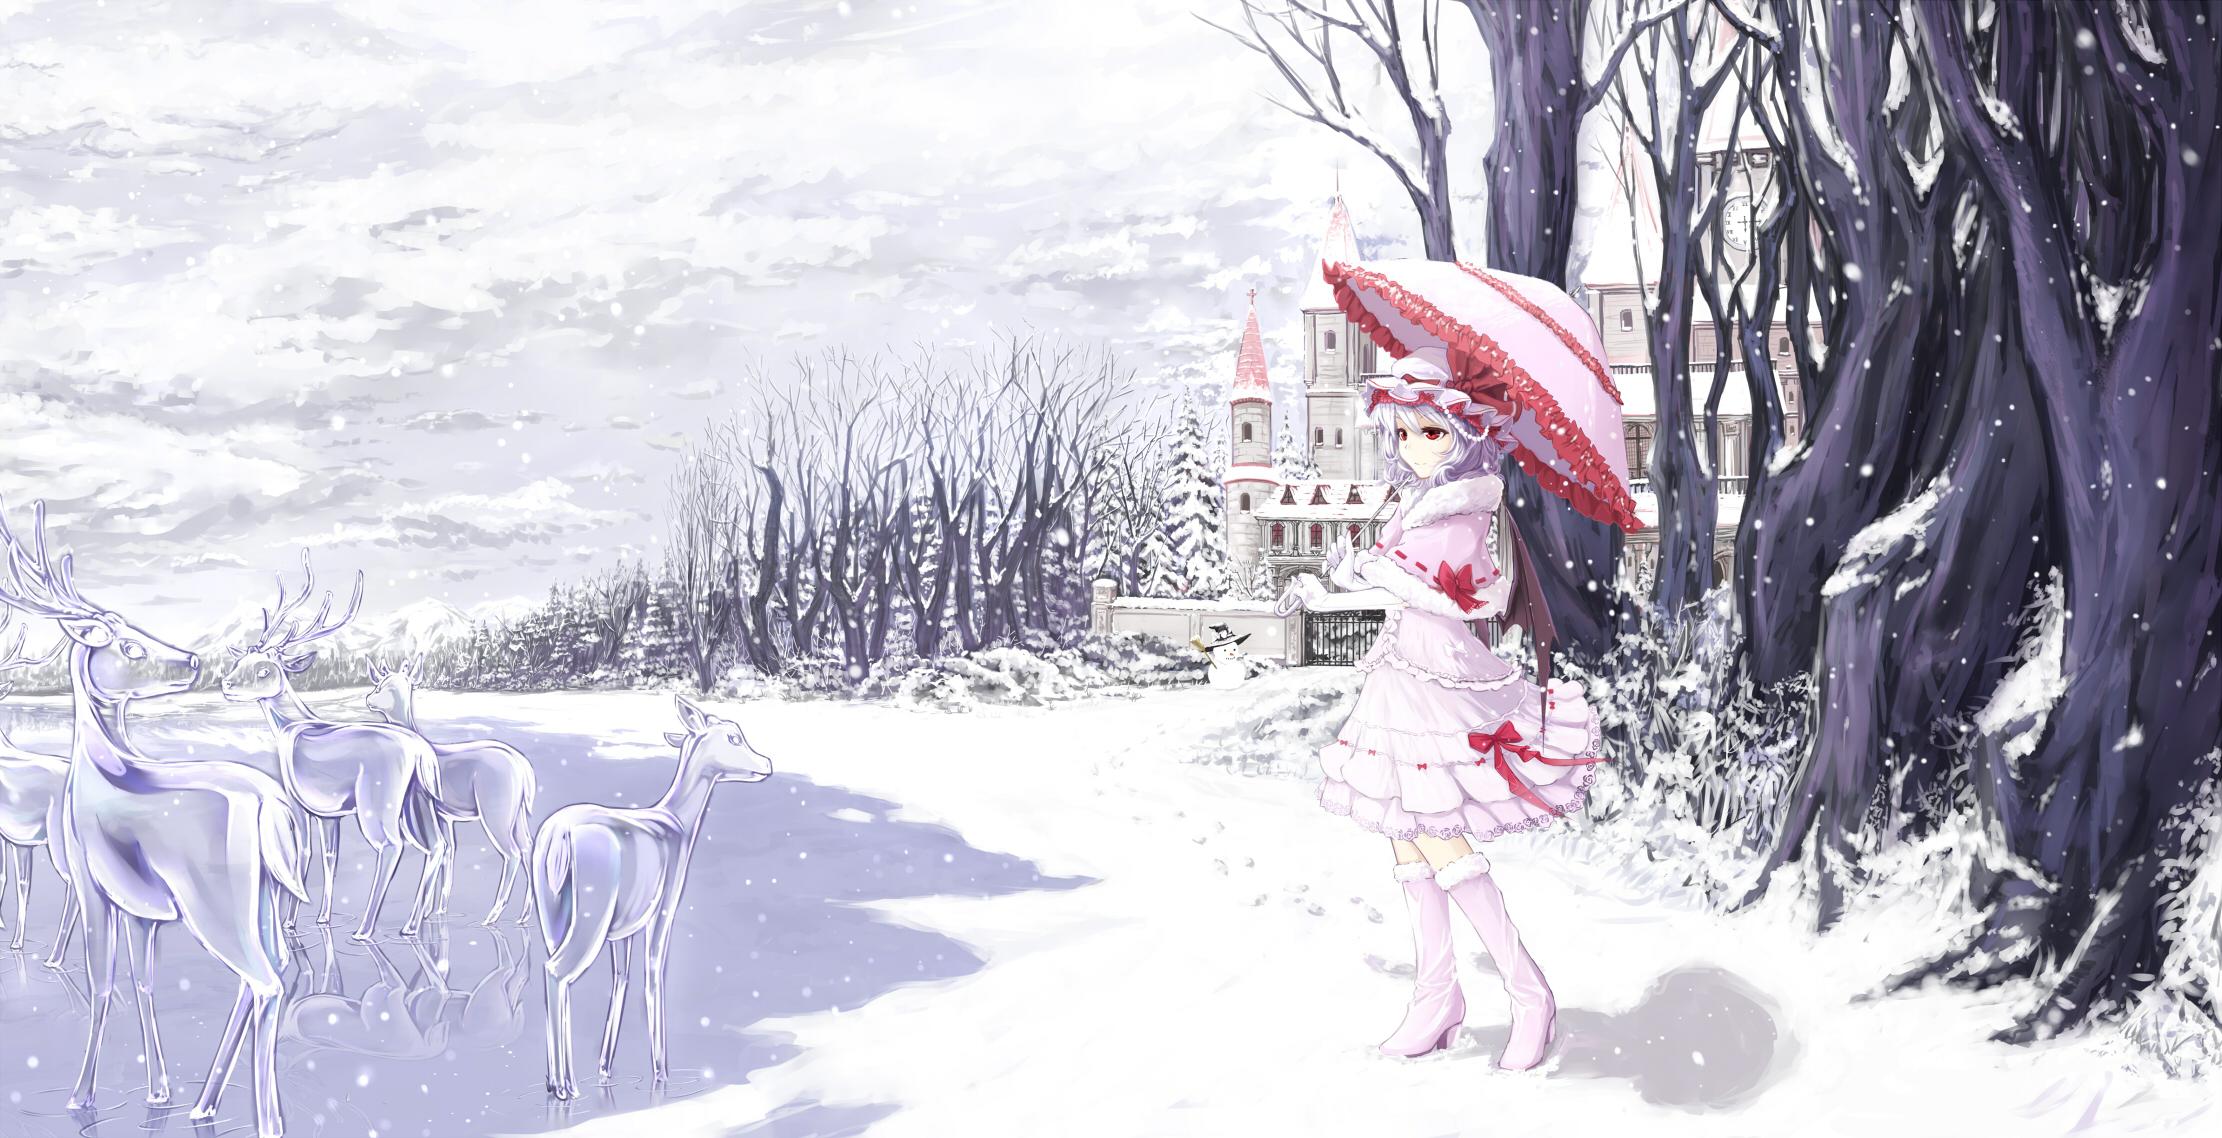 冬 by Cloudy.R